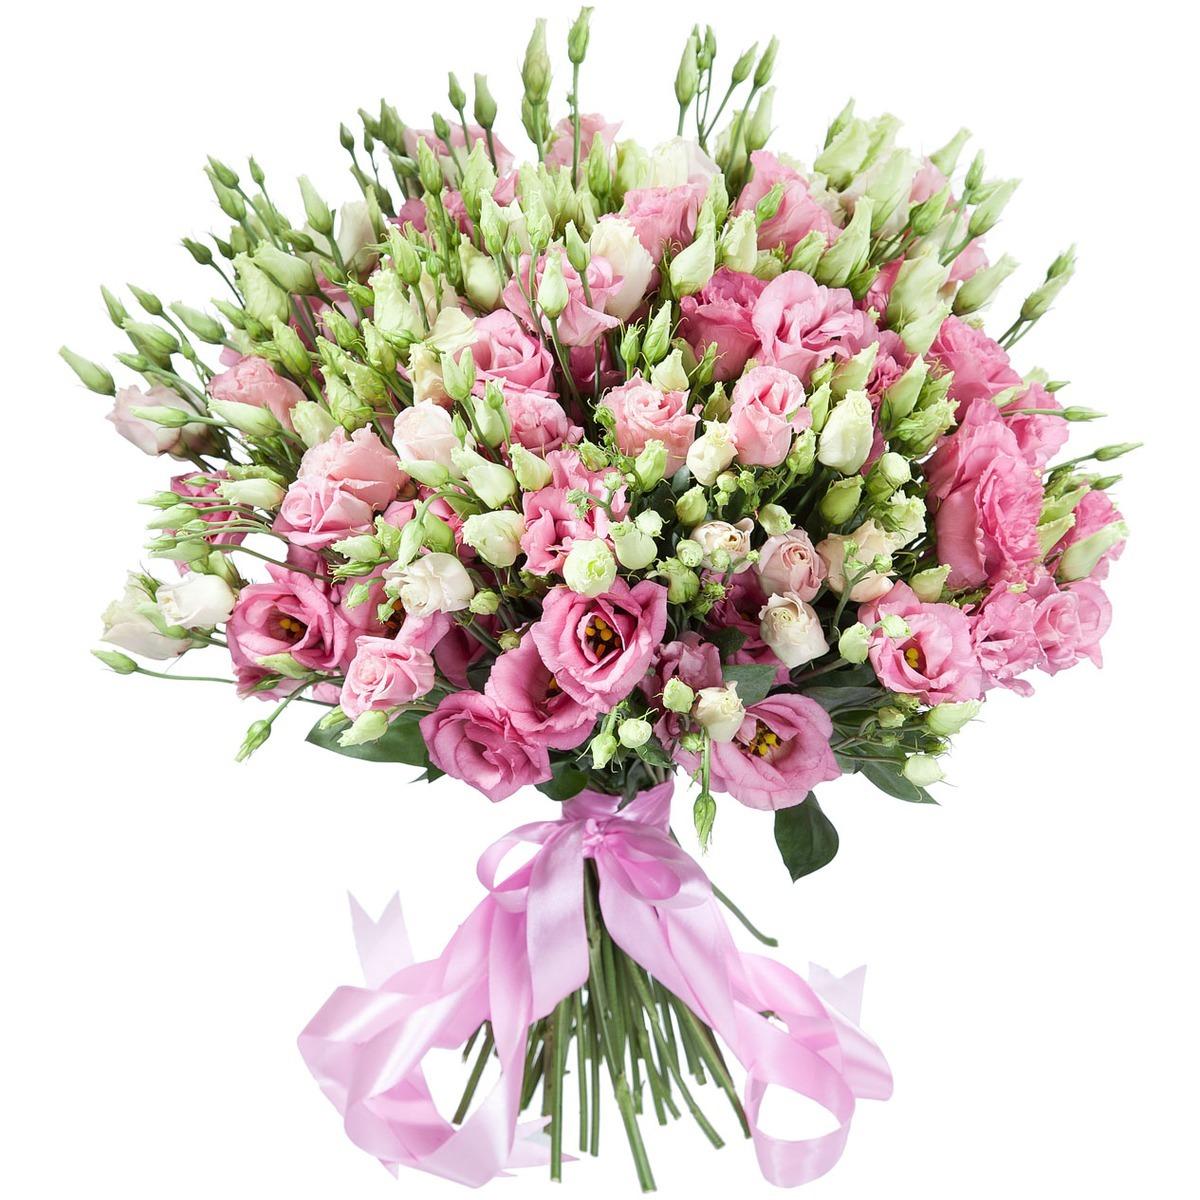 Цветы купить со скидкой купить наклейки на цветы в уфе